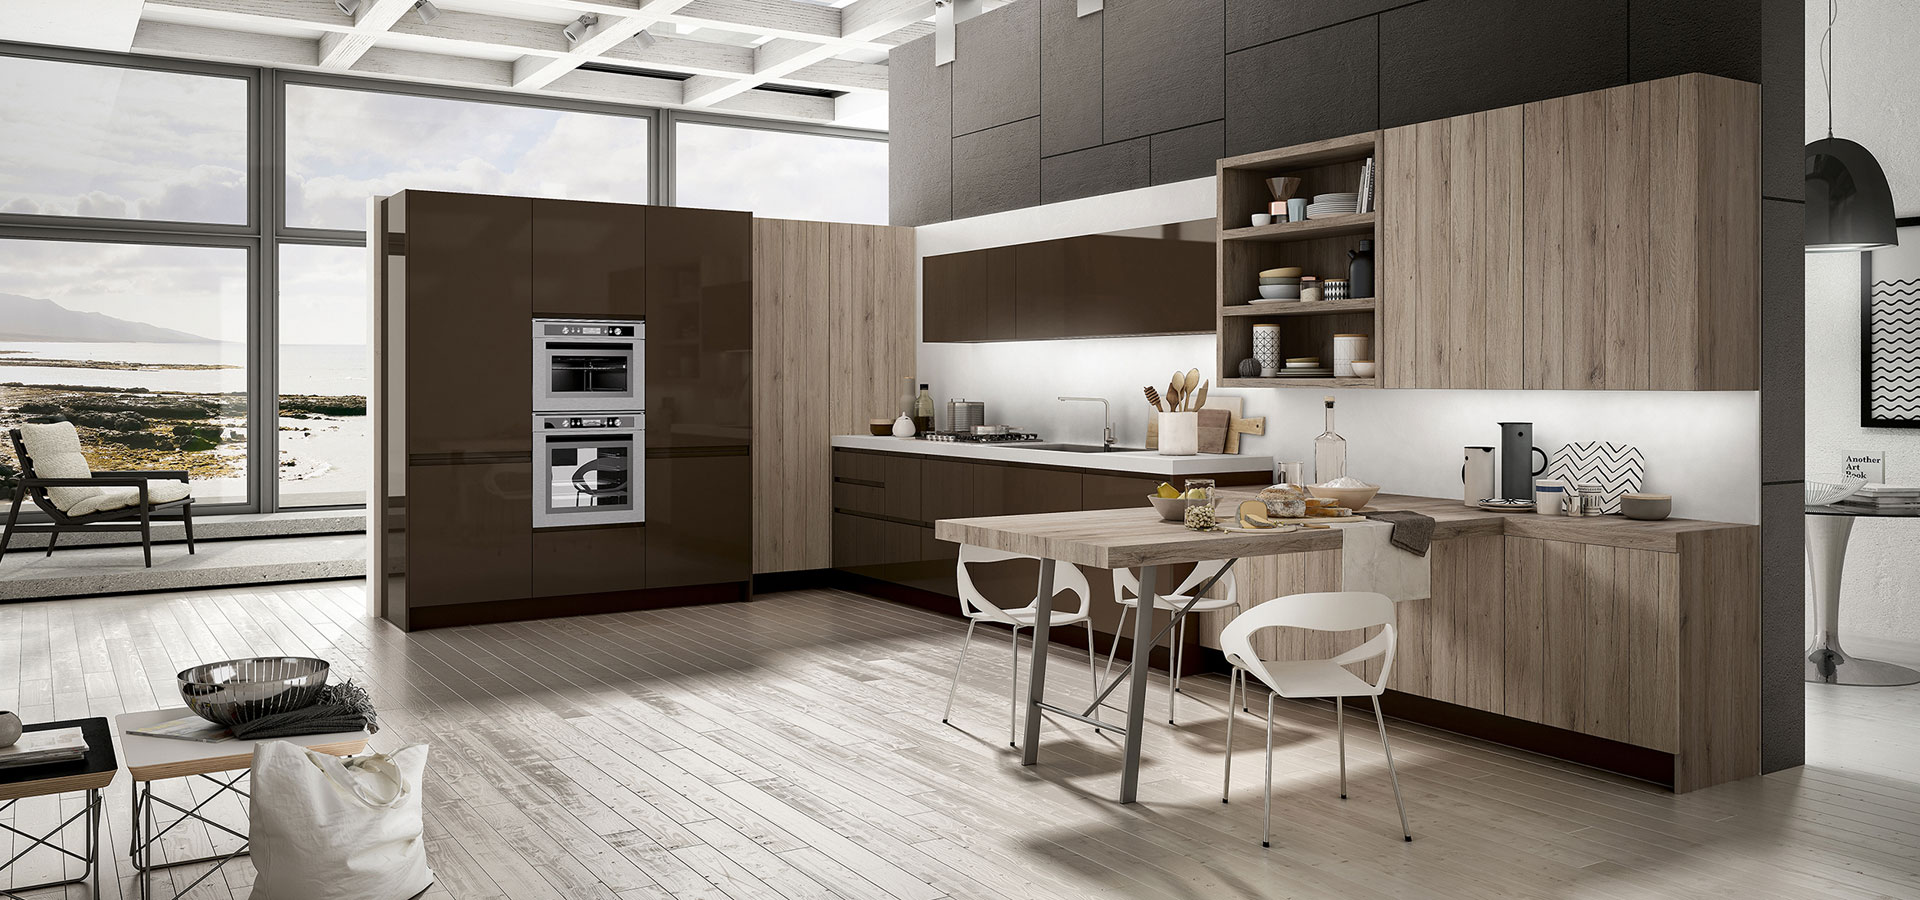 kitchen arredo3 wega